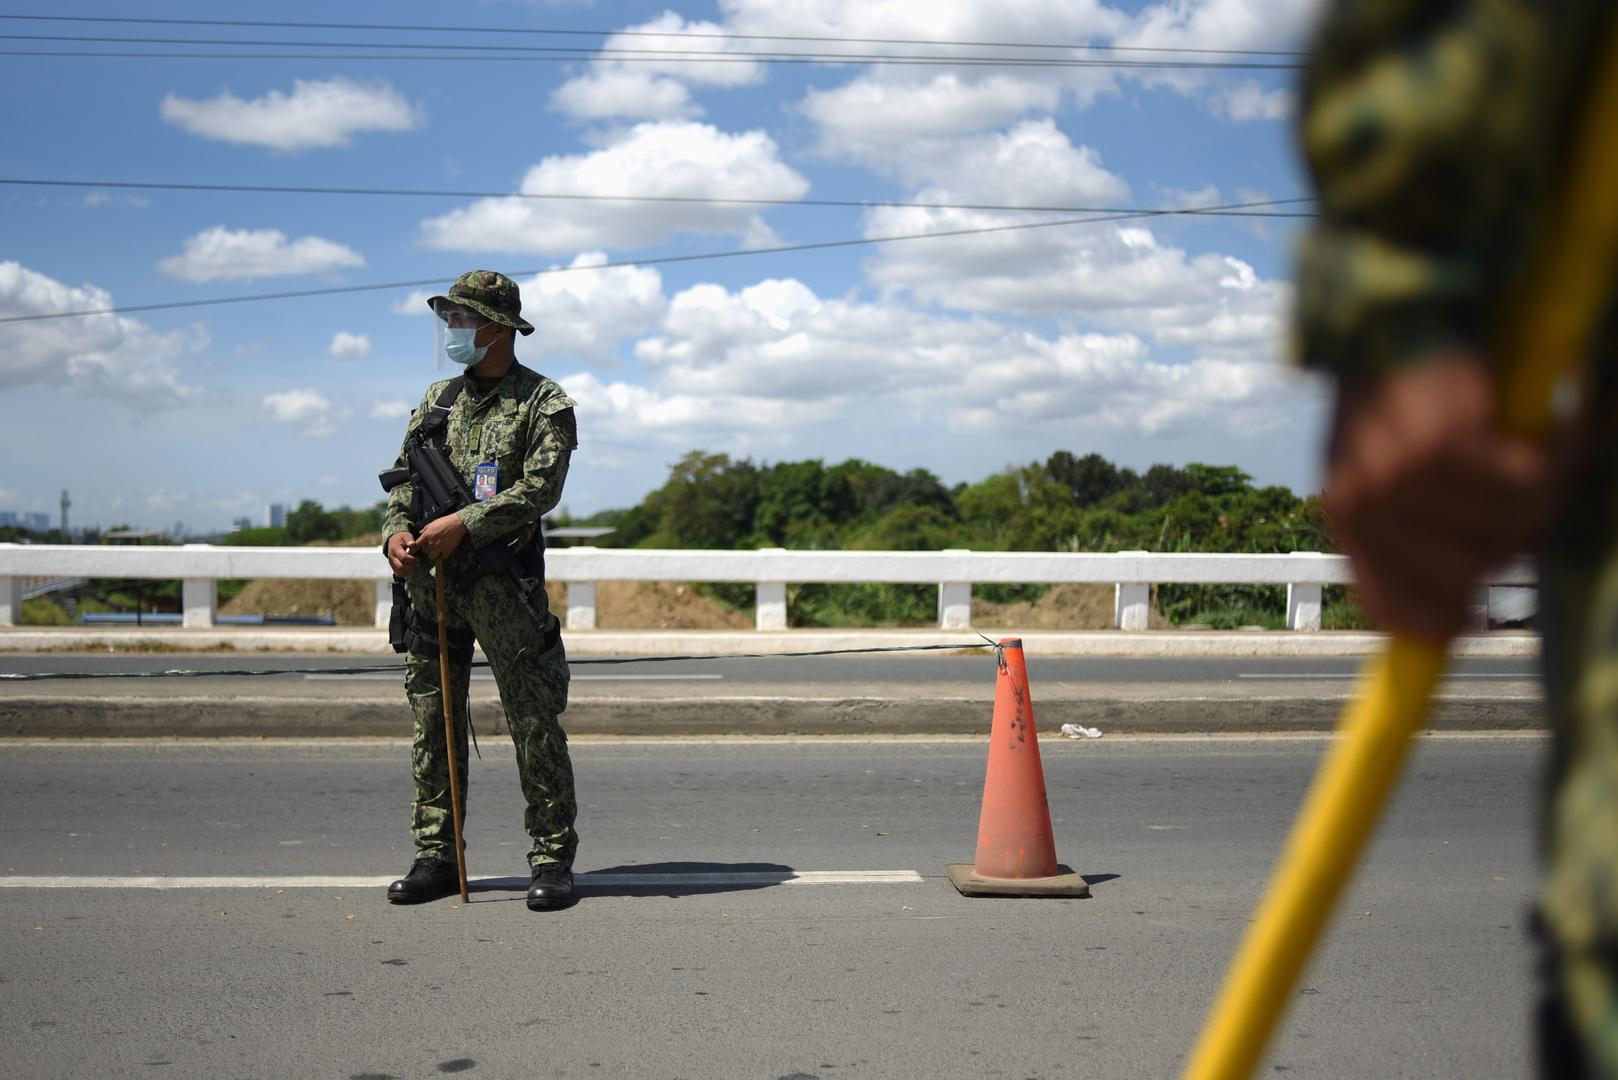 القوات الفلبينية تقتل 3 مسلحين بينهم